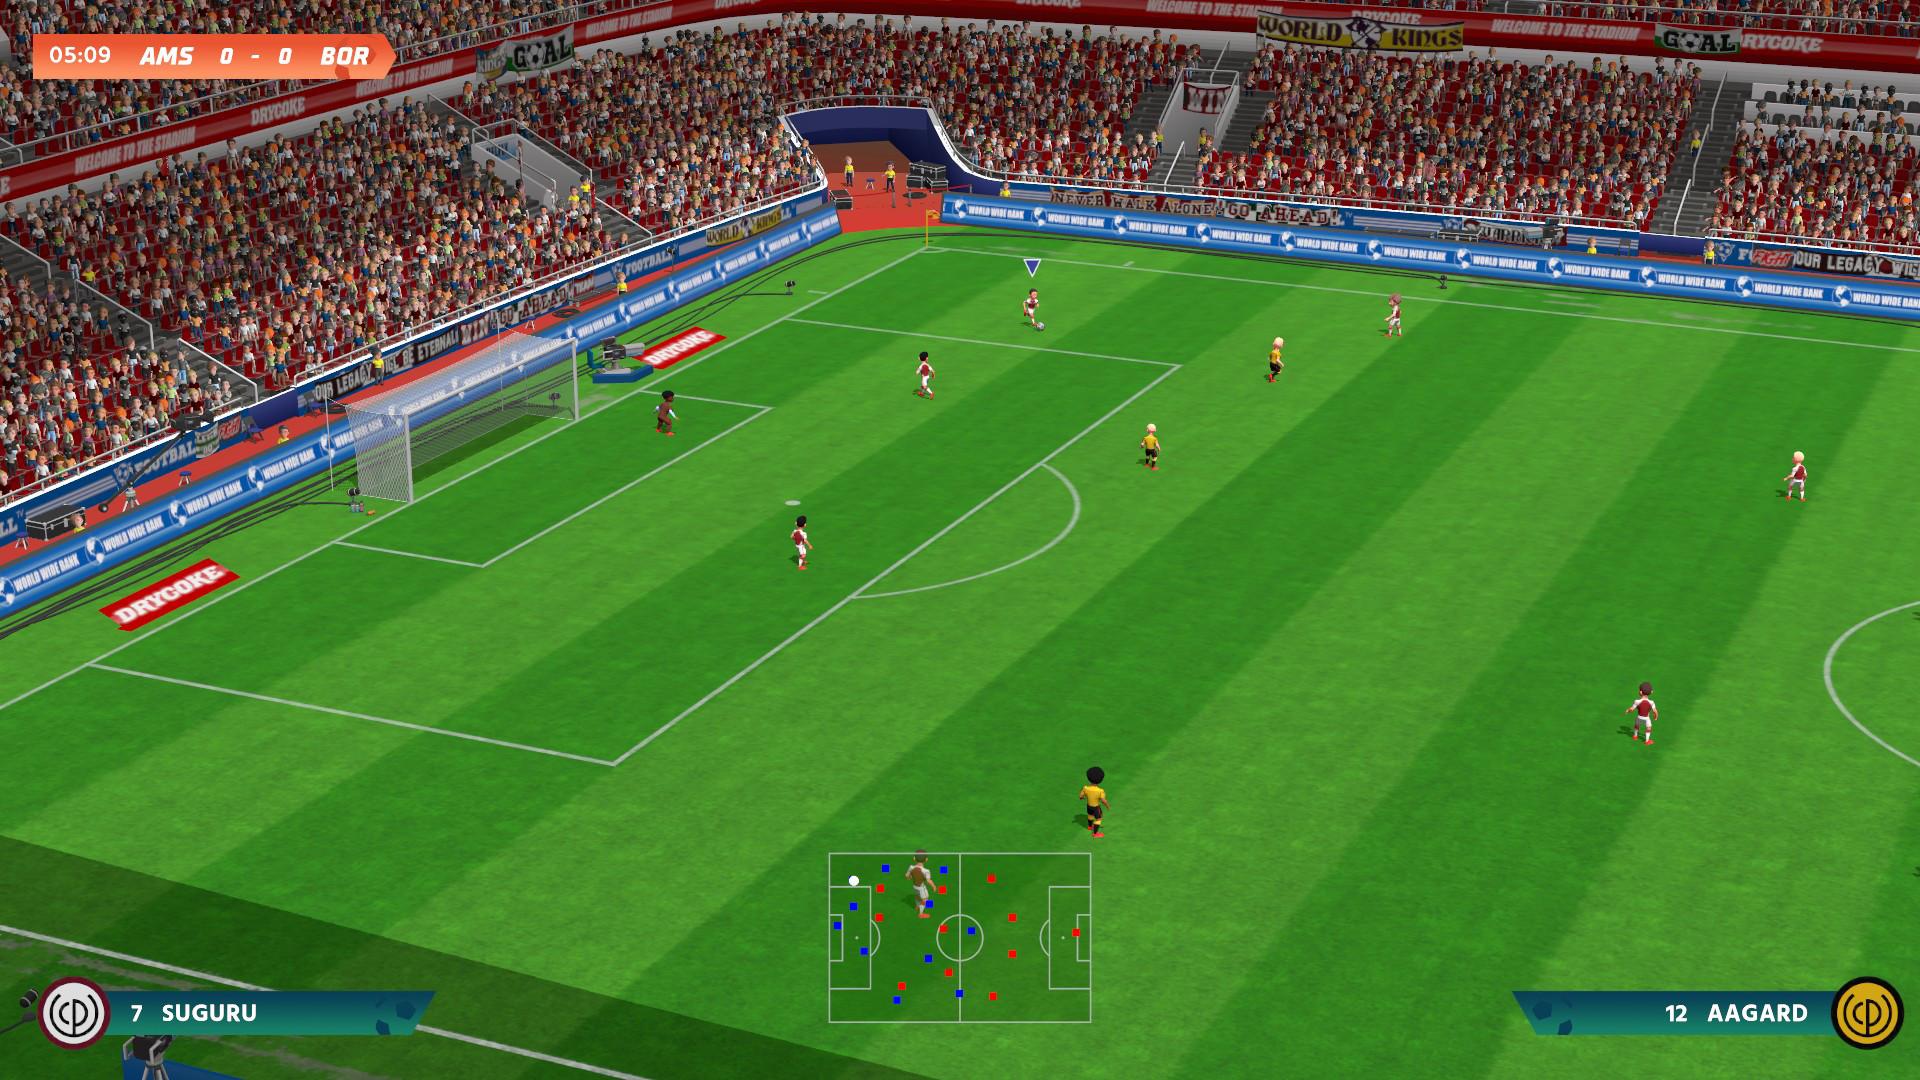 超级足球爆炸图片